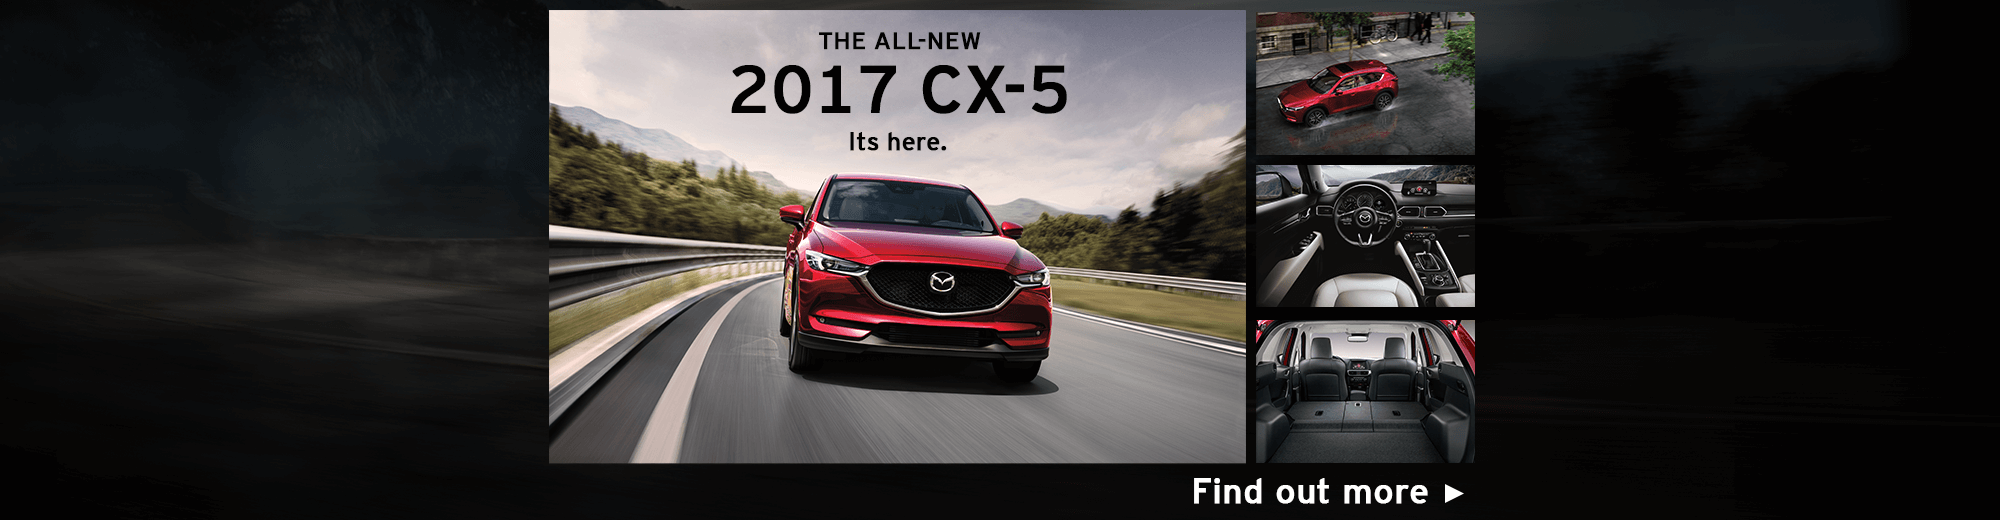 2017 CX-5 (Copy)